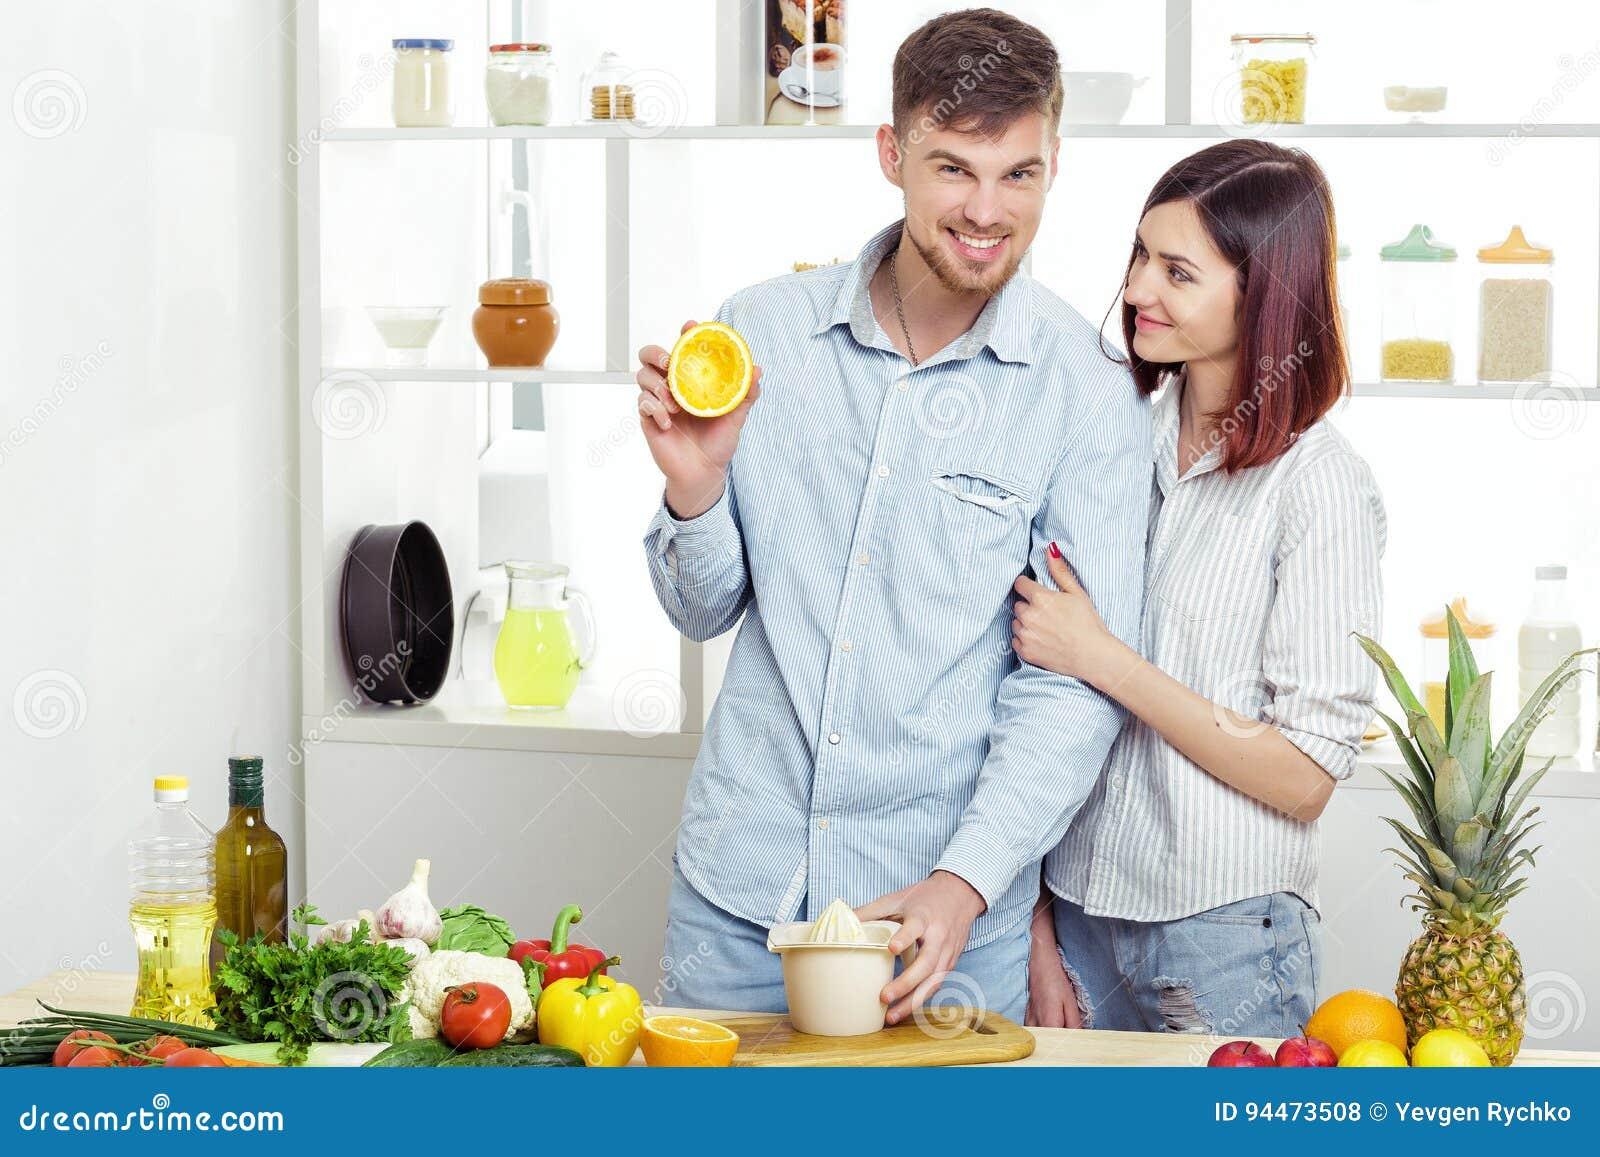 Liebe In Der Küche | Gluckliches C Ouple In Der Liebe In Der Kuche Die Gesunden Saft